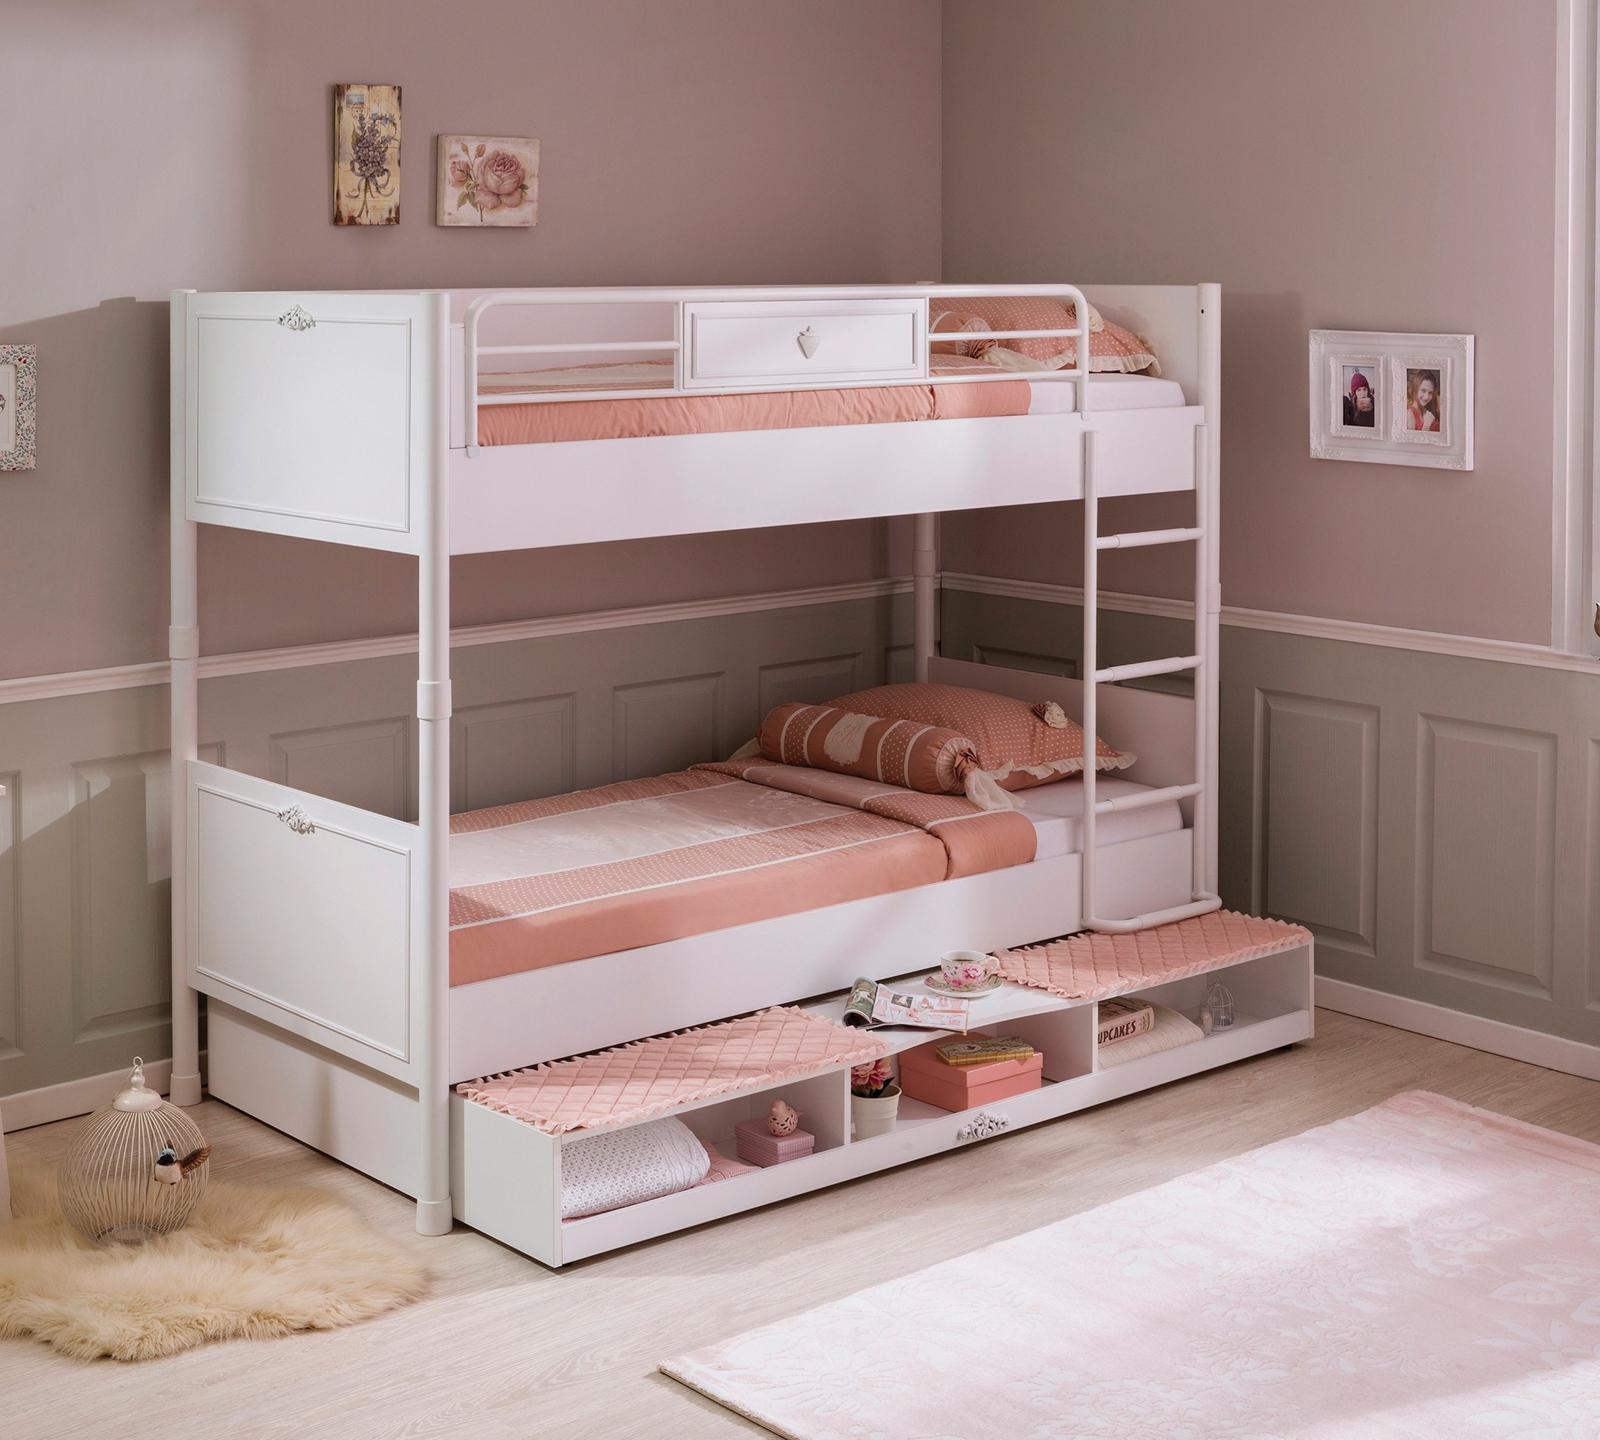 Картинки о двухэтажной кровати